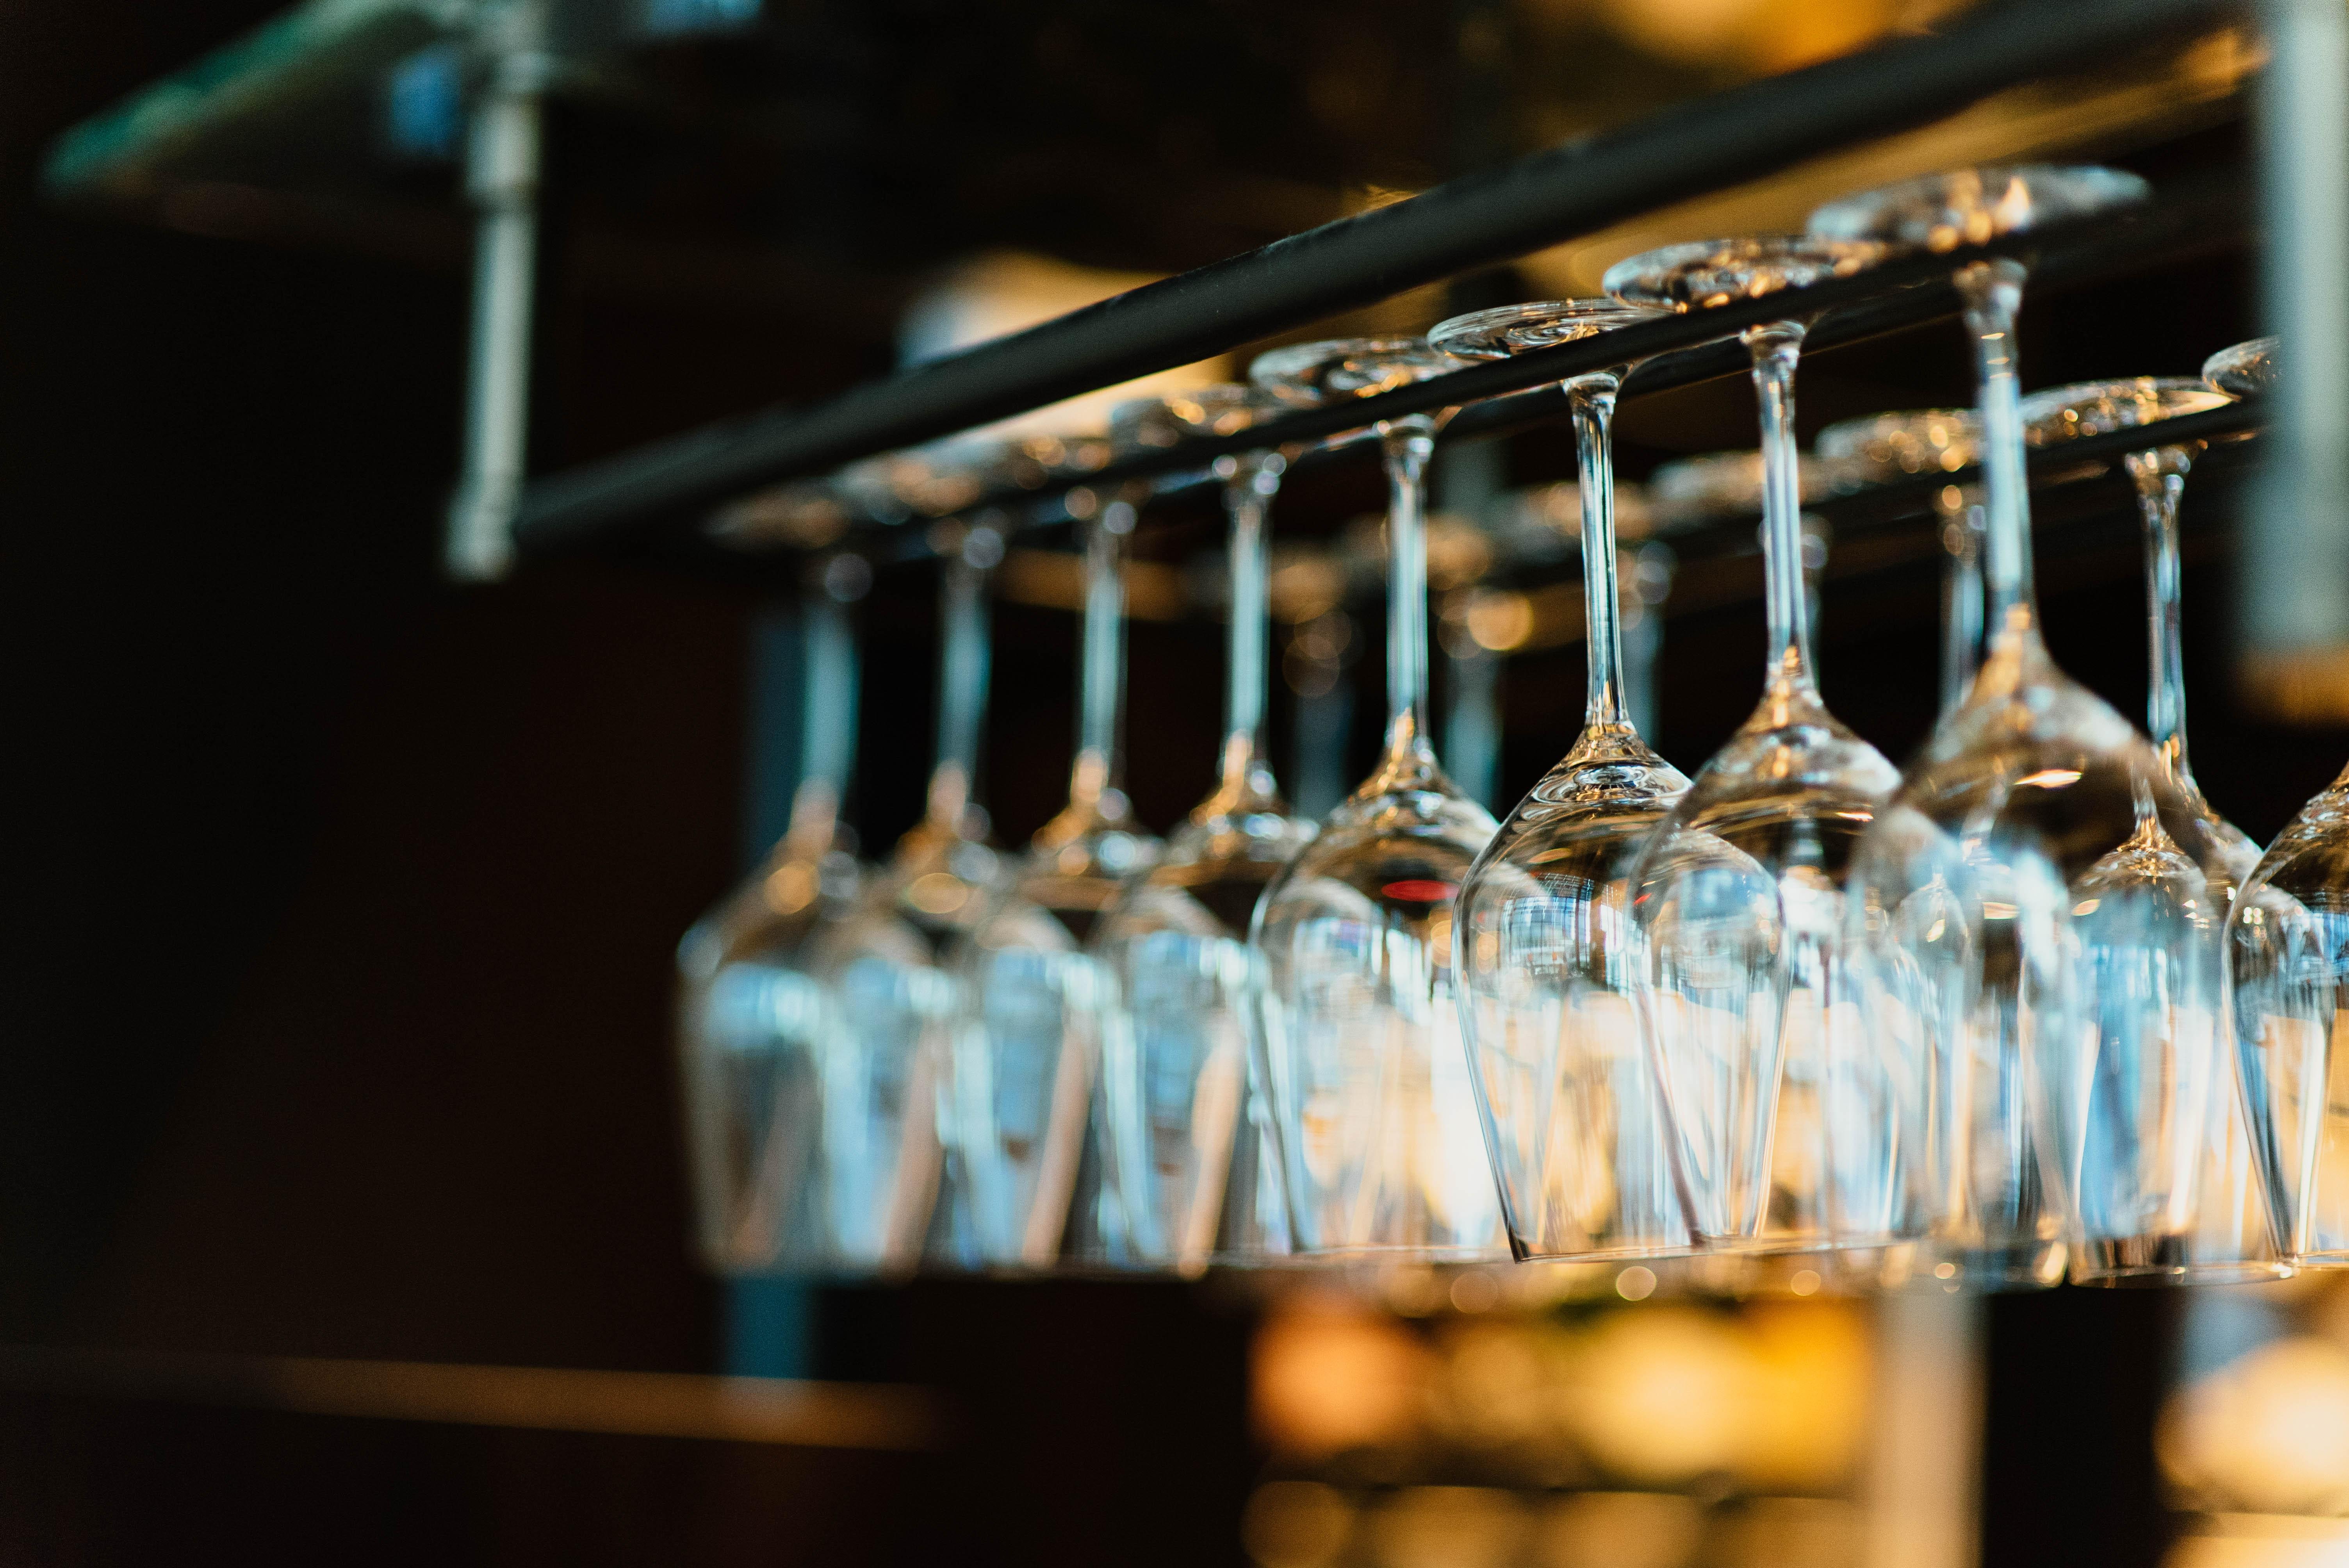 glazen die hangen in een café, goede doelen, goede doelen Nederland, goede doelen kiezen, Utrecht